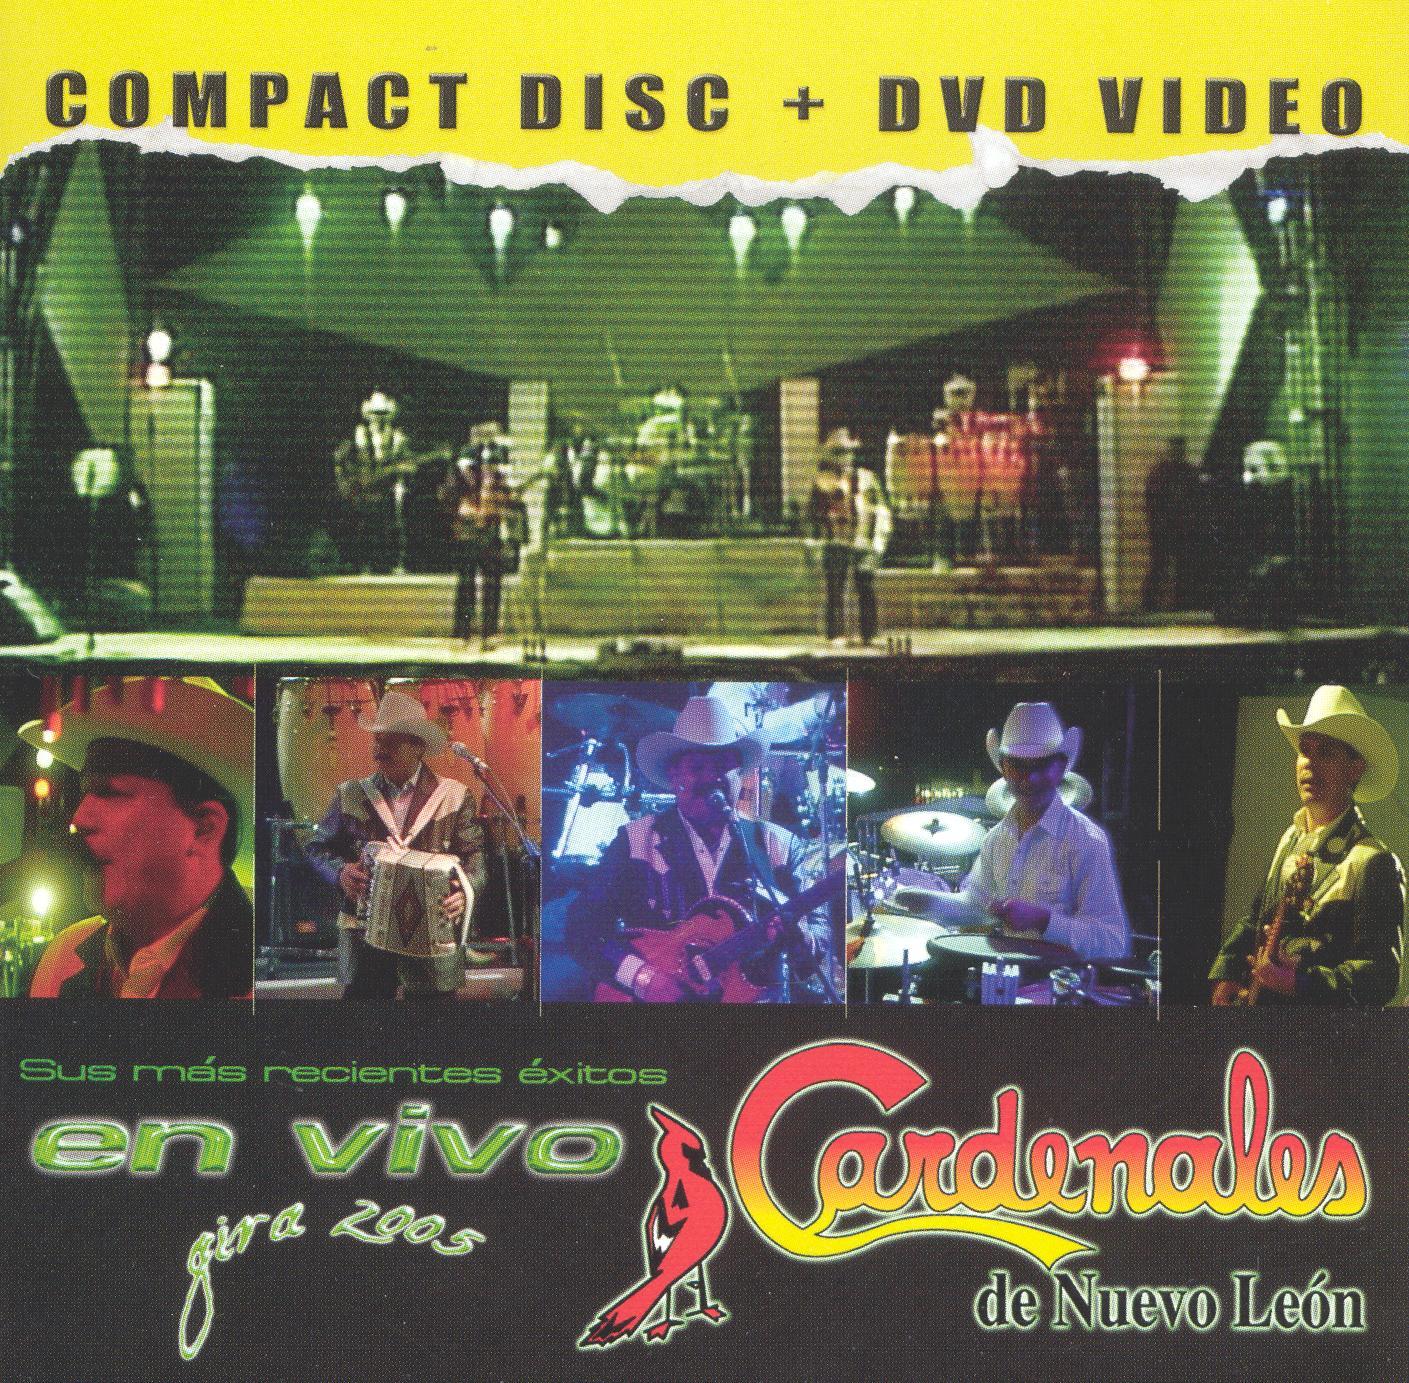 Los Cardenales de Nuevo Leon: Exitos En Vivo, Gira 2005